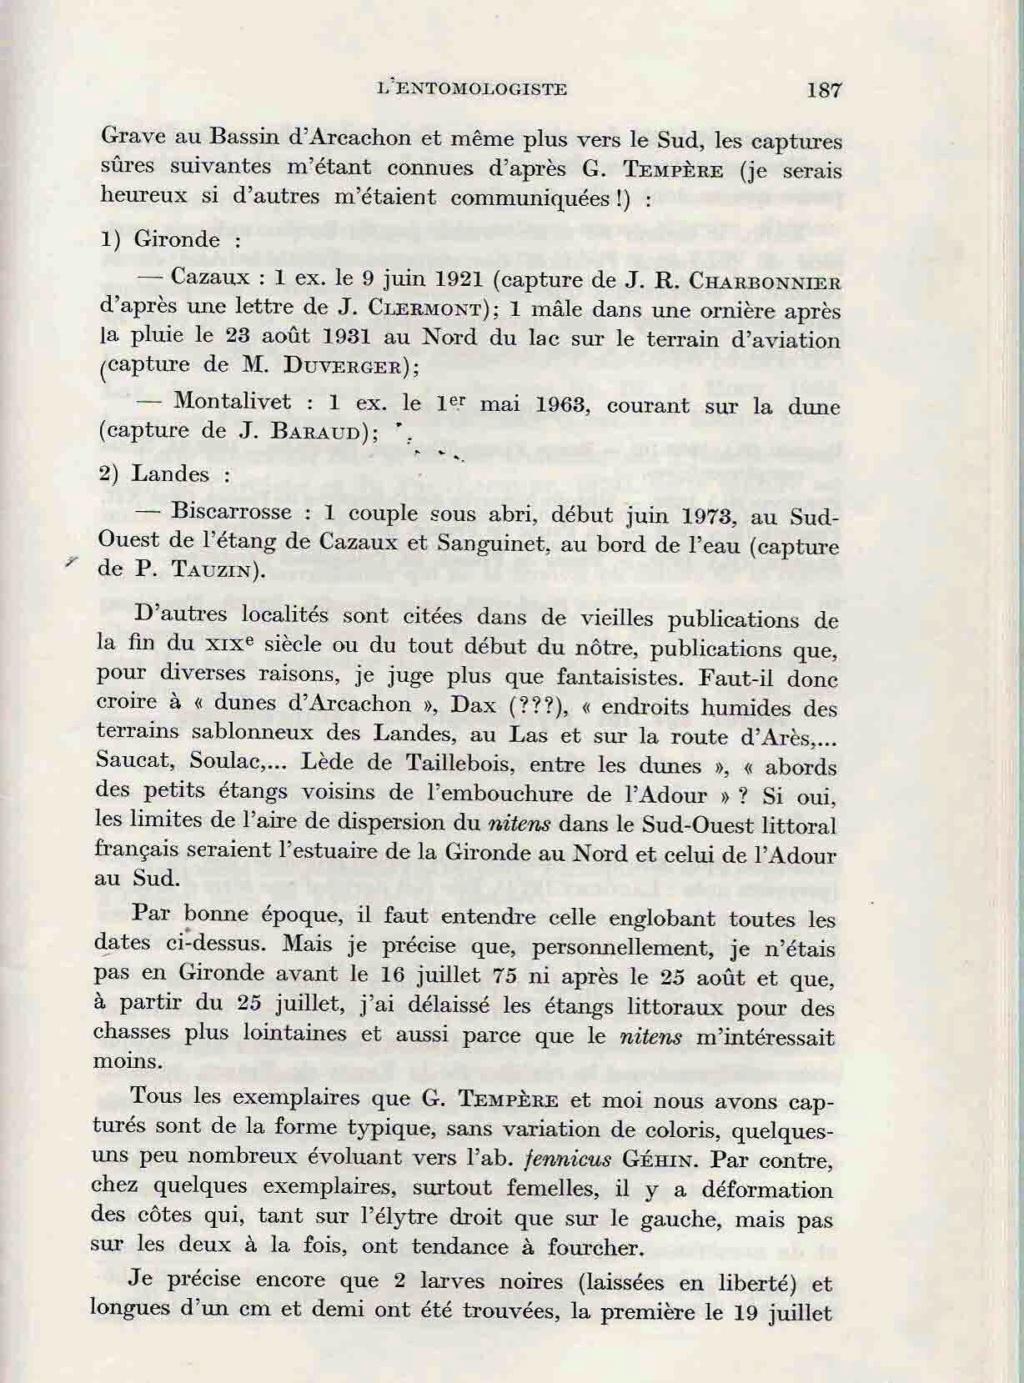 [Carabus (Hemicarabus) nitens nitens], Linné 1758 - Page 2 Clavie15